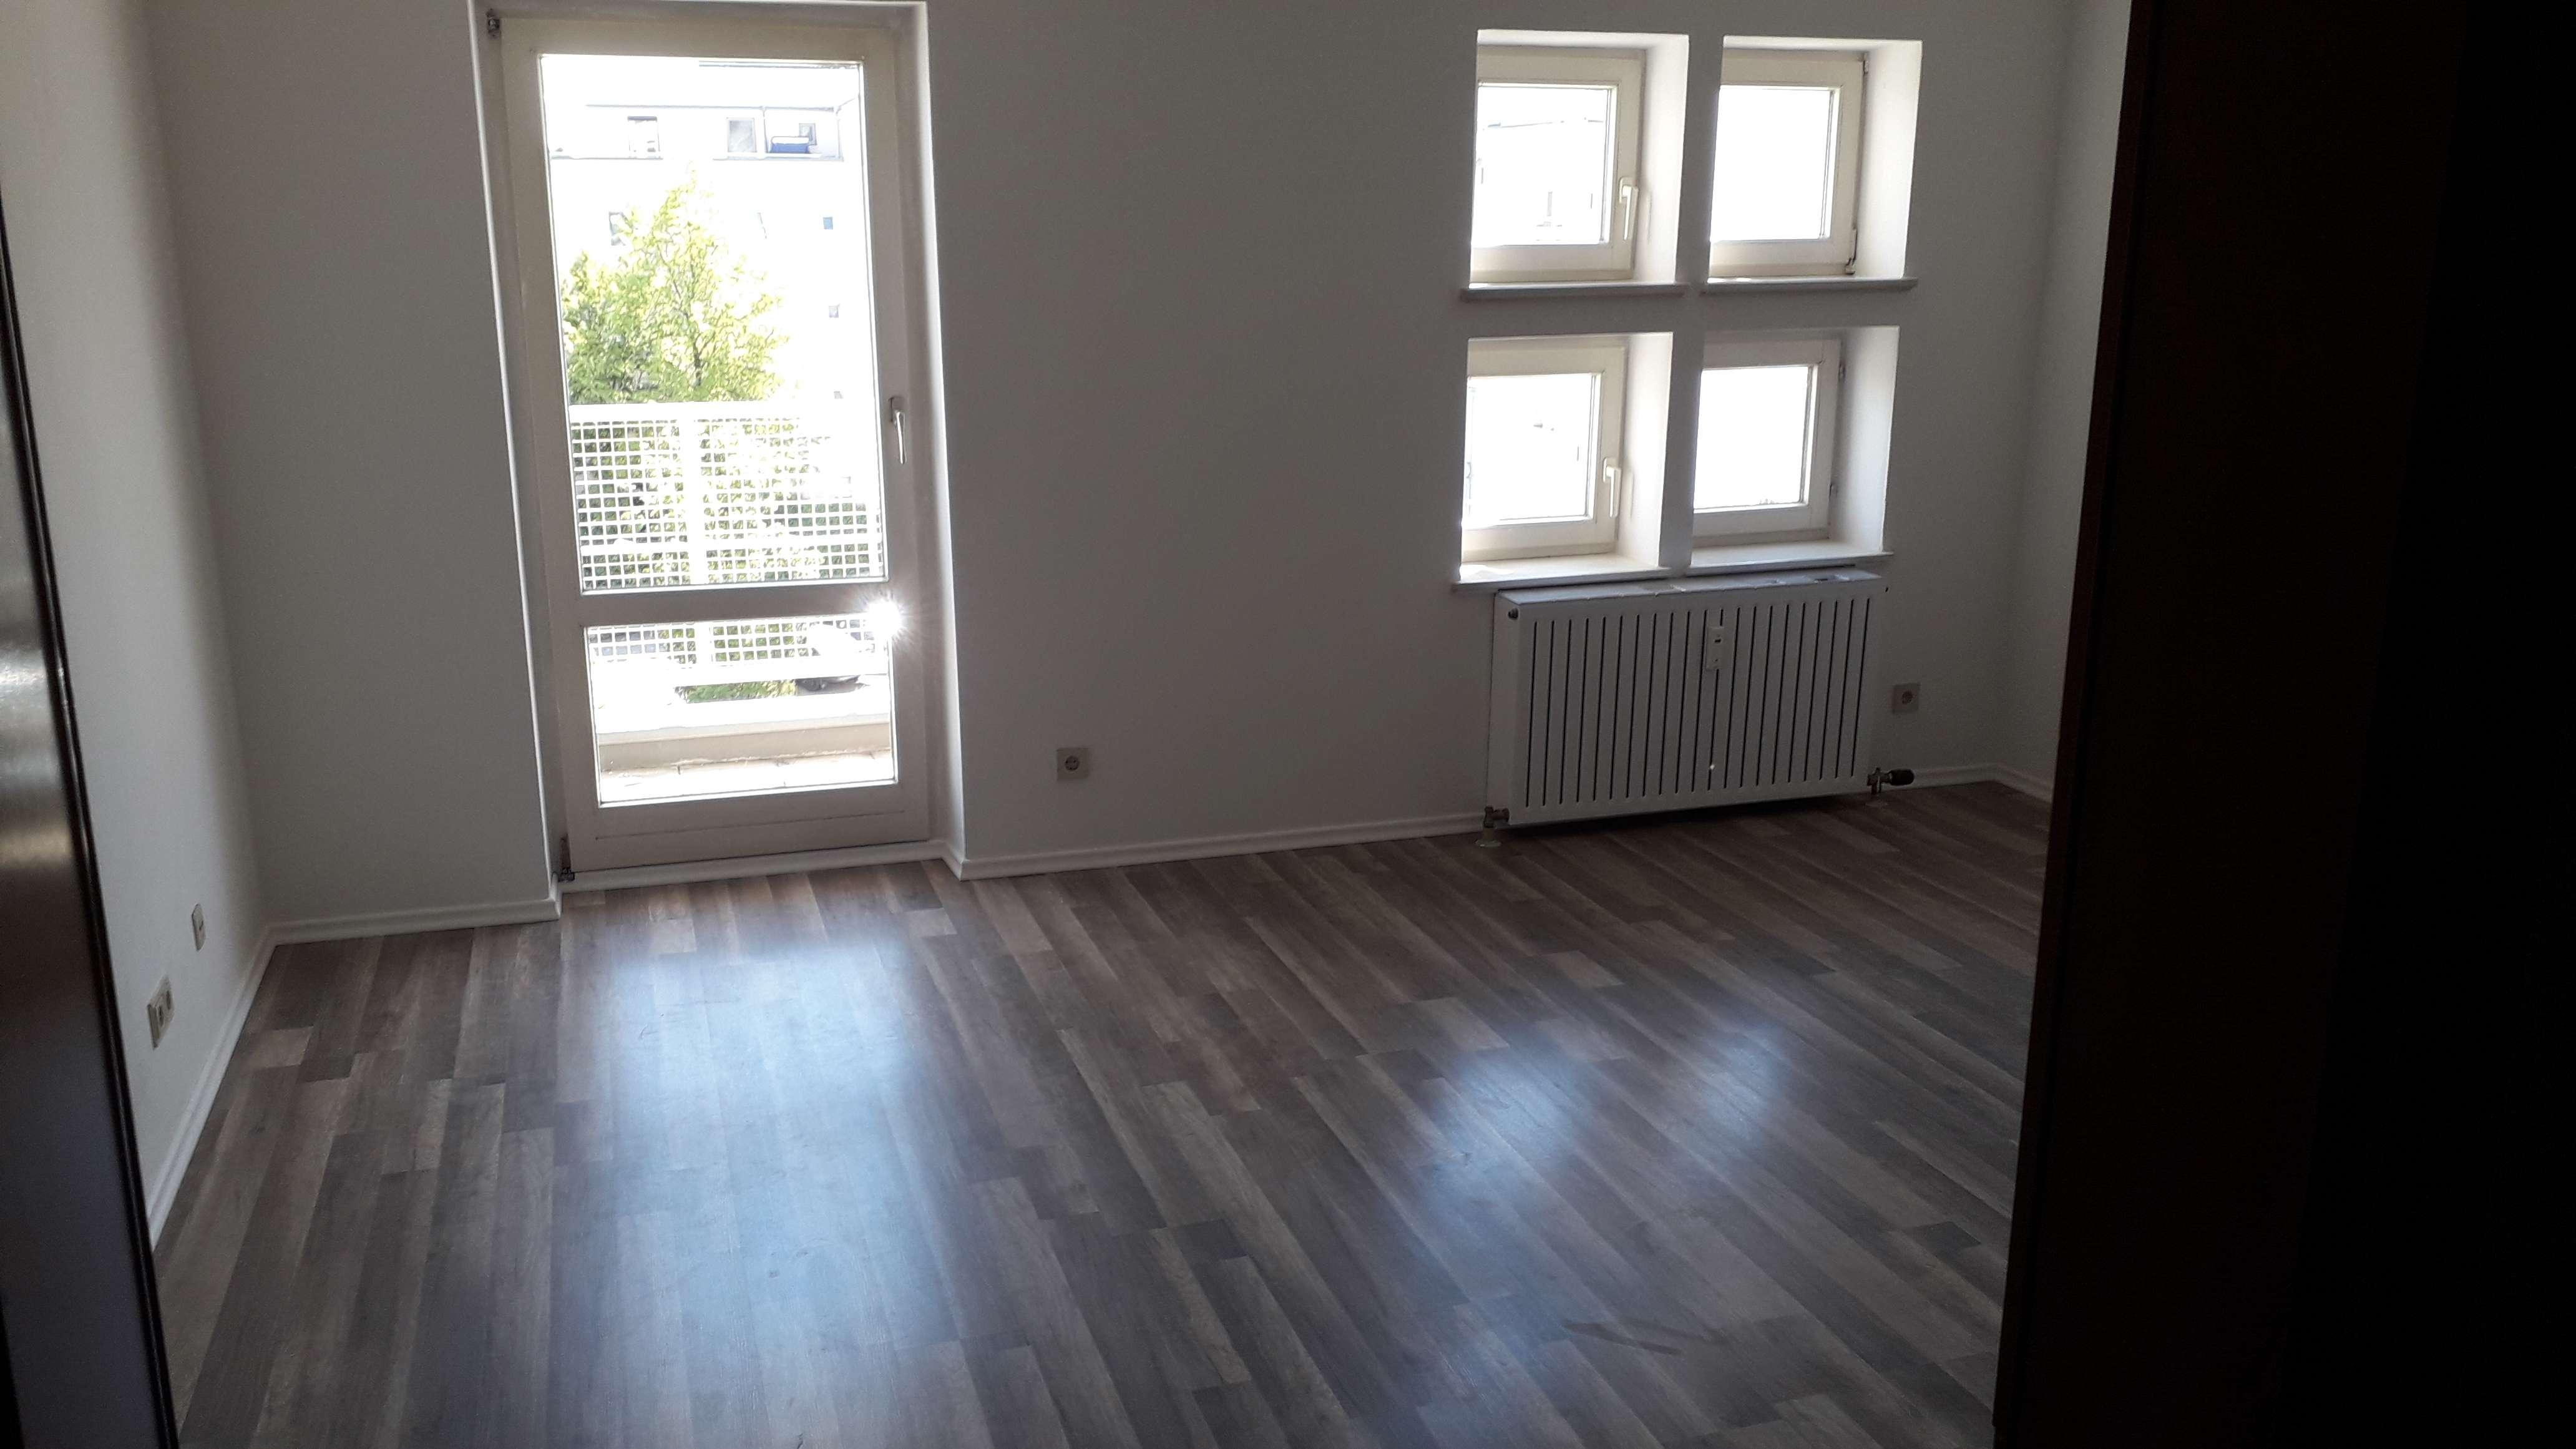 Schöne Wohnung in zentraler Lage, ruhig, neu renoviert, Lift, Südbalkon